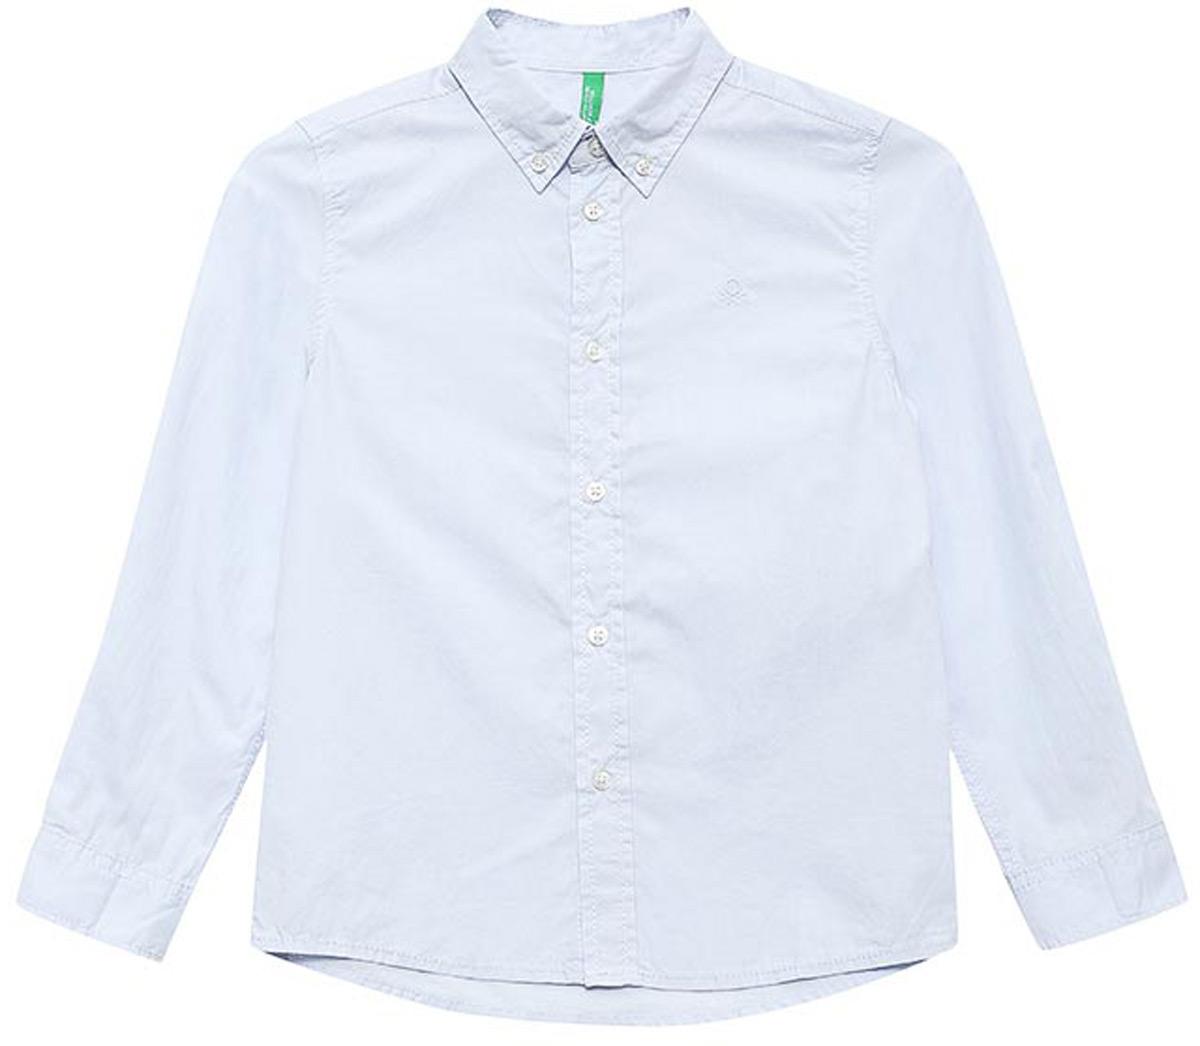 Рубашка для мальчиков United Colors of Benetton, цвет: голубой. 5EW75Q600_20B. Размер 1605EW75Q600_20BРубашка для мальчика United Colors of Benetton выполнена из натурального хлопка. Модель с отложным воротником и длинными рукавами застегивается на пуговицы.